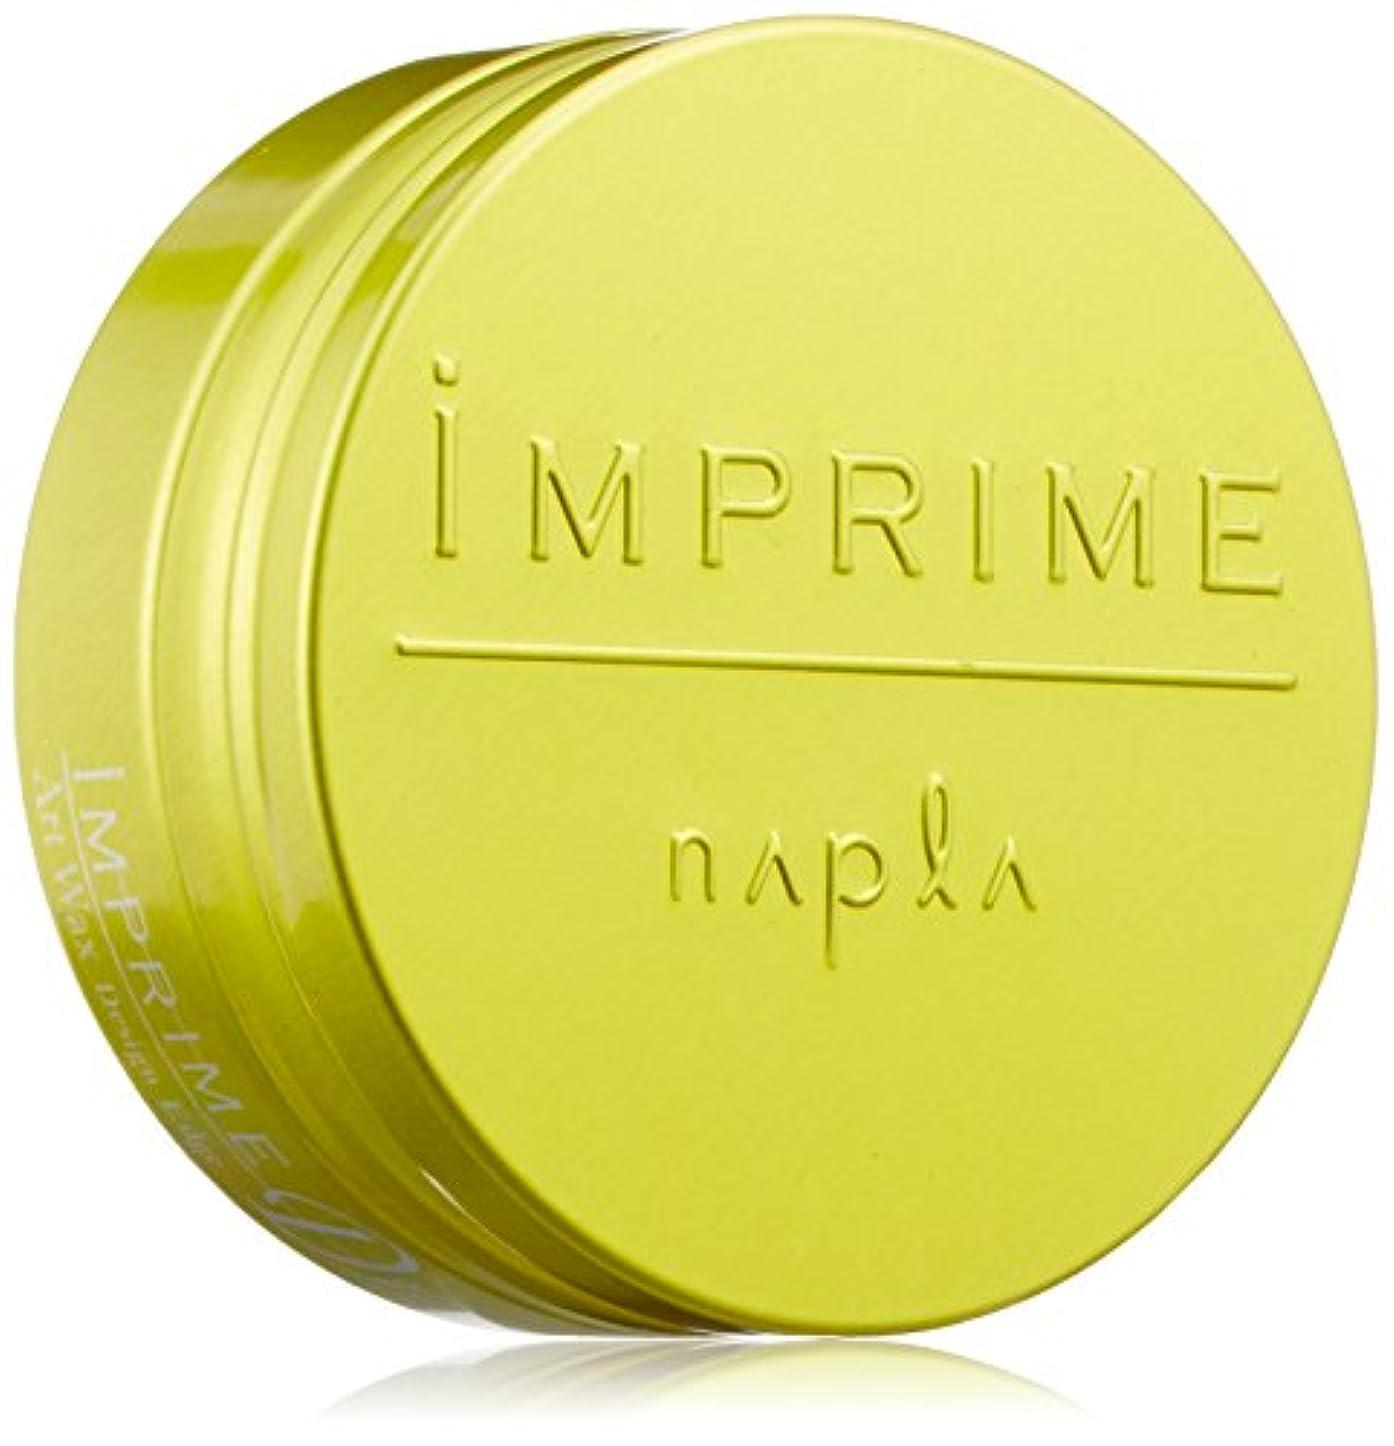 ビン優越美容師ナプラ インプライム アートワックス デザインエッジ 80g